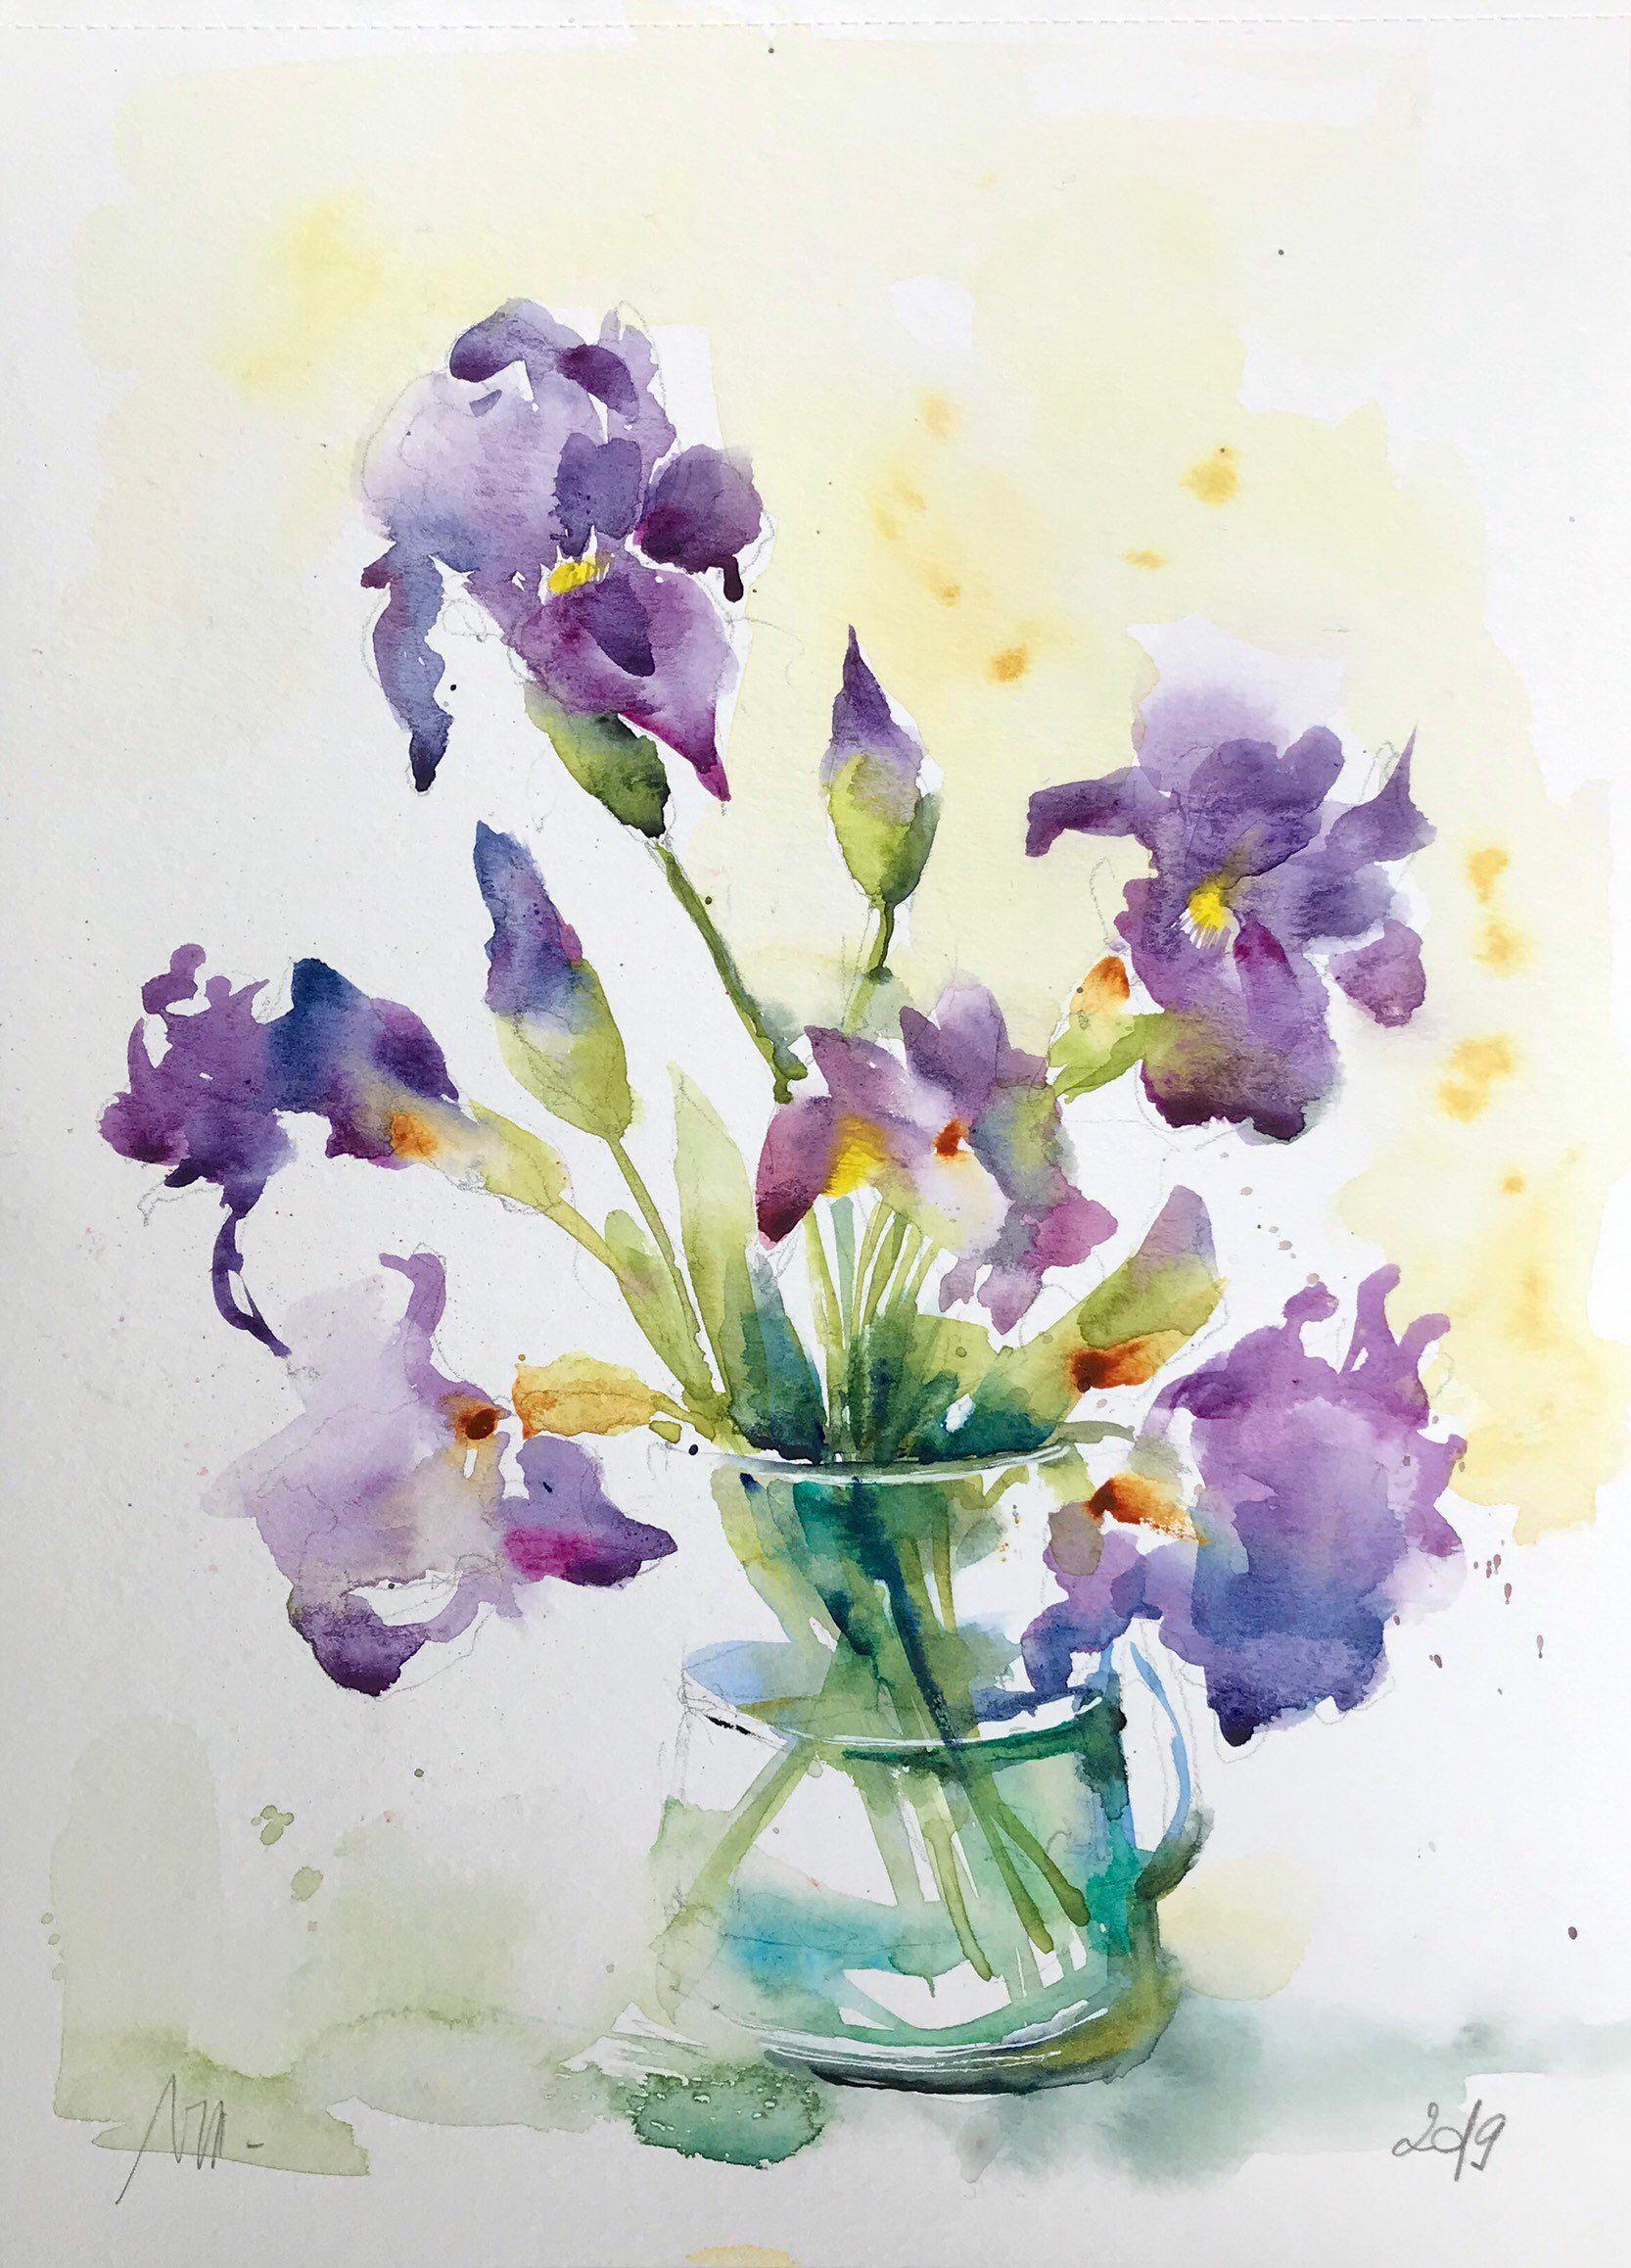 Tableau Bouquet Fleur Fleur De Coton Peinture Aquarelle Sur